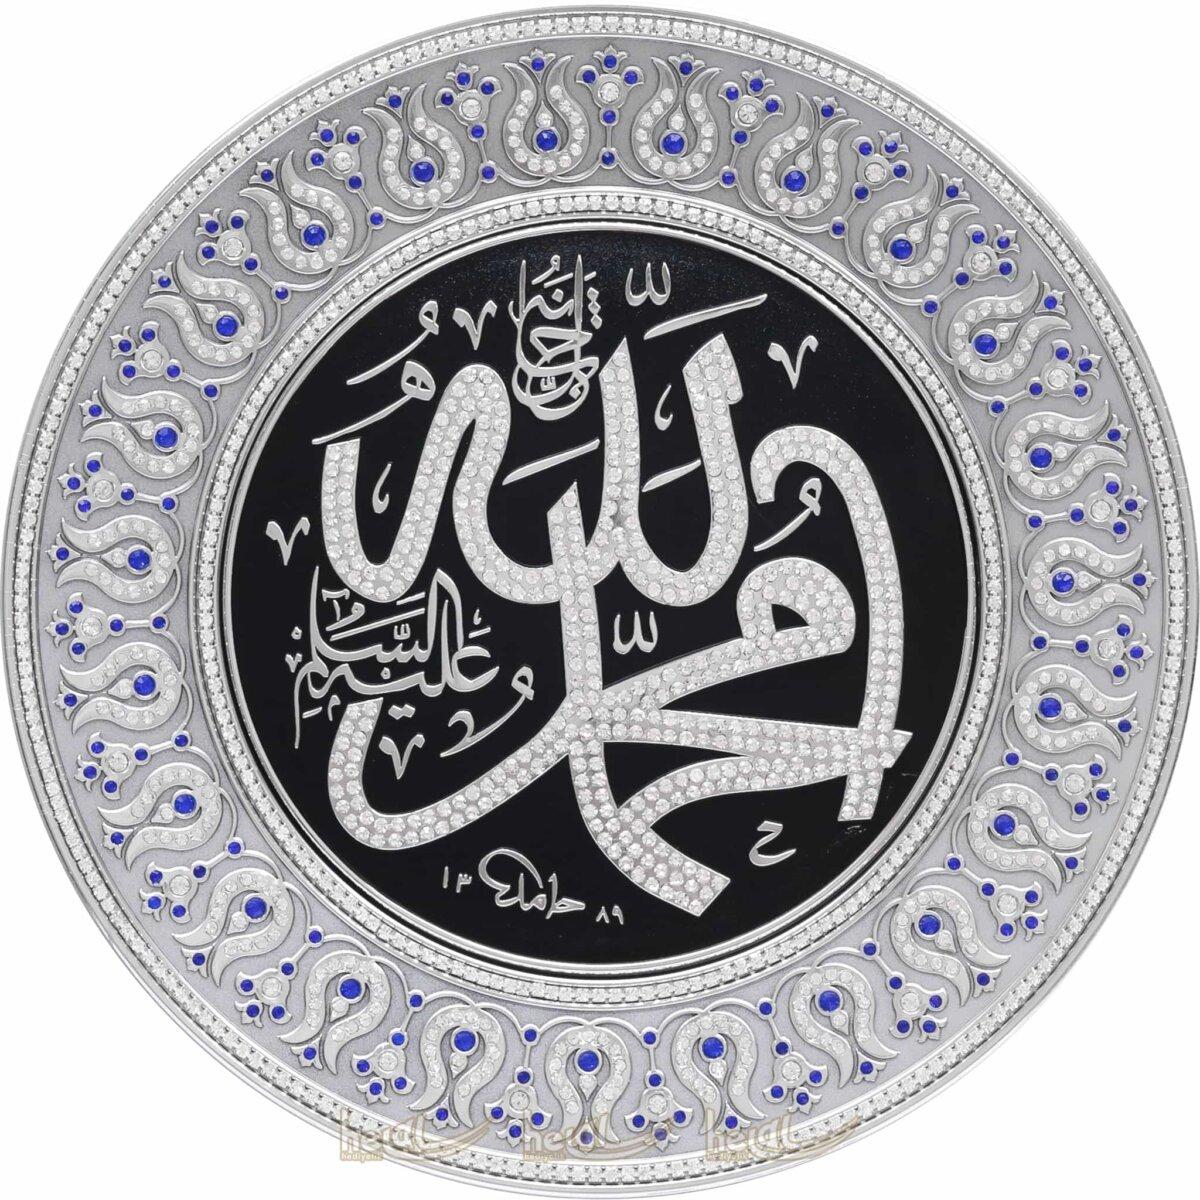 33cm Kristal Çok Taşlı Allah cc.ve Muhammed sav. Lafzı Yazılı Tabak Masa Üstü ve Duvar Süsü Ayetli Ürünler